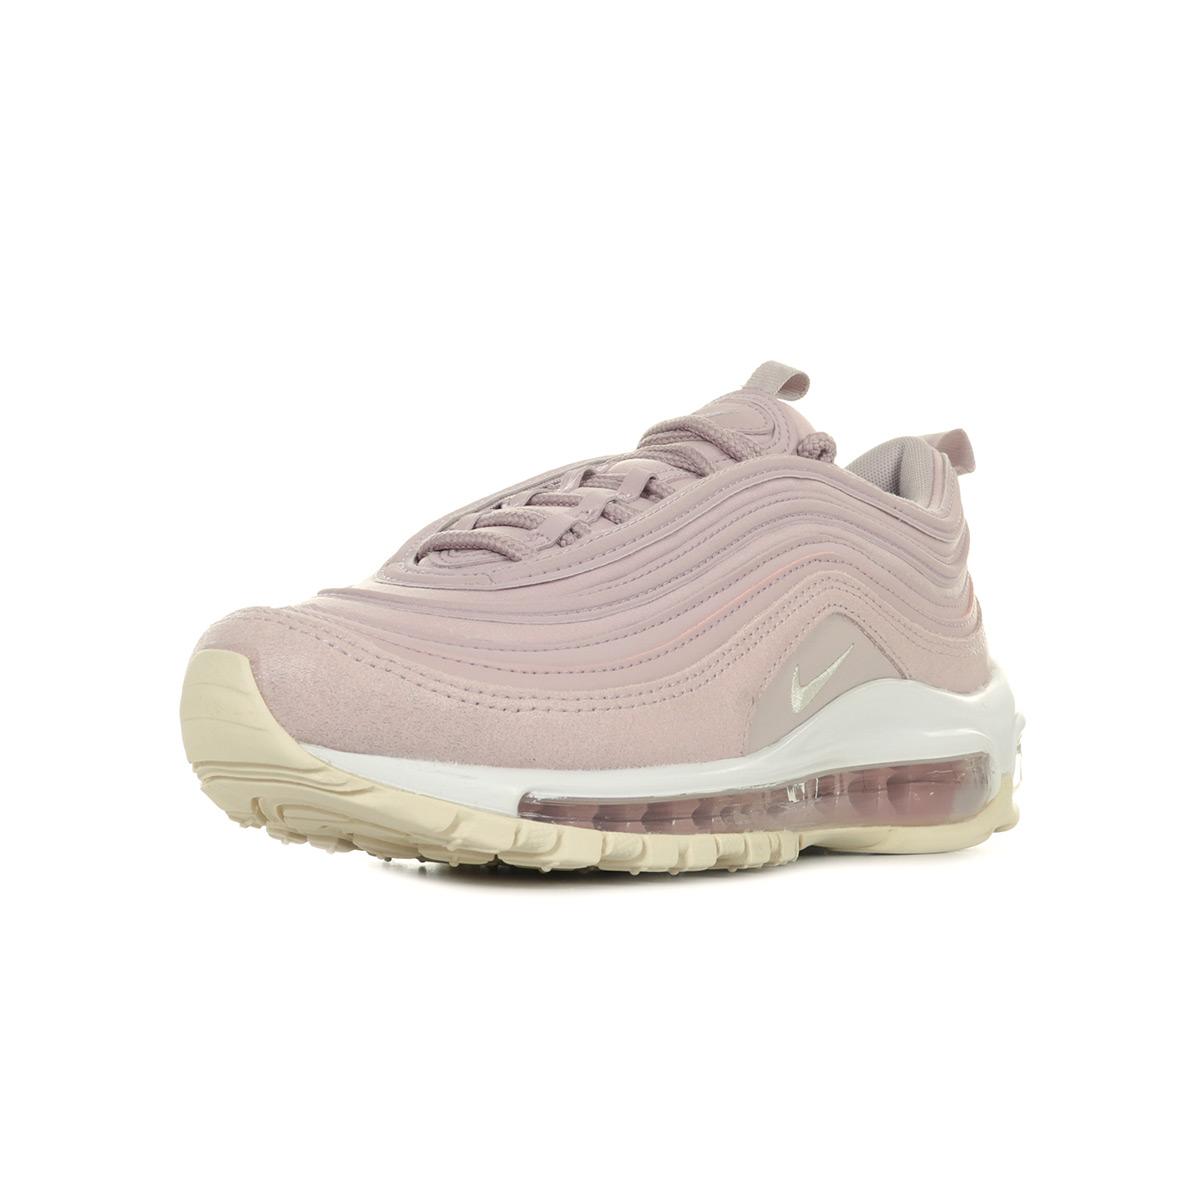 Détails sur Chaussures Baskets Nike femme Air Max 97 PRM